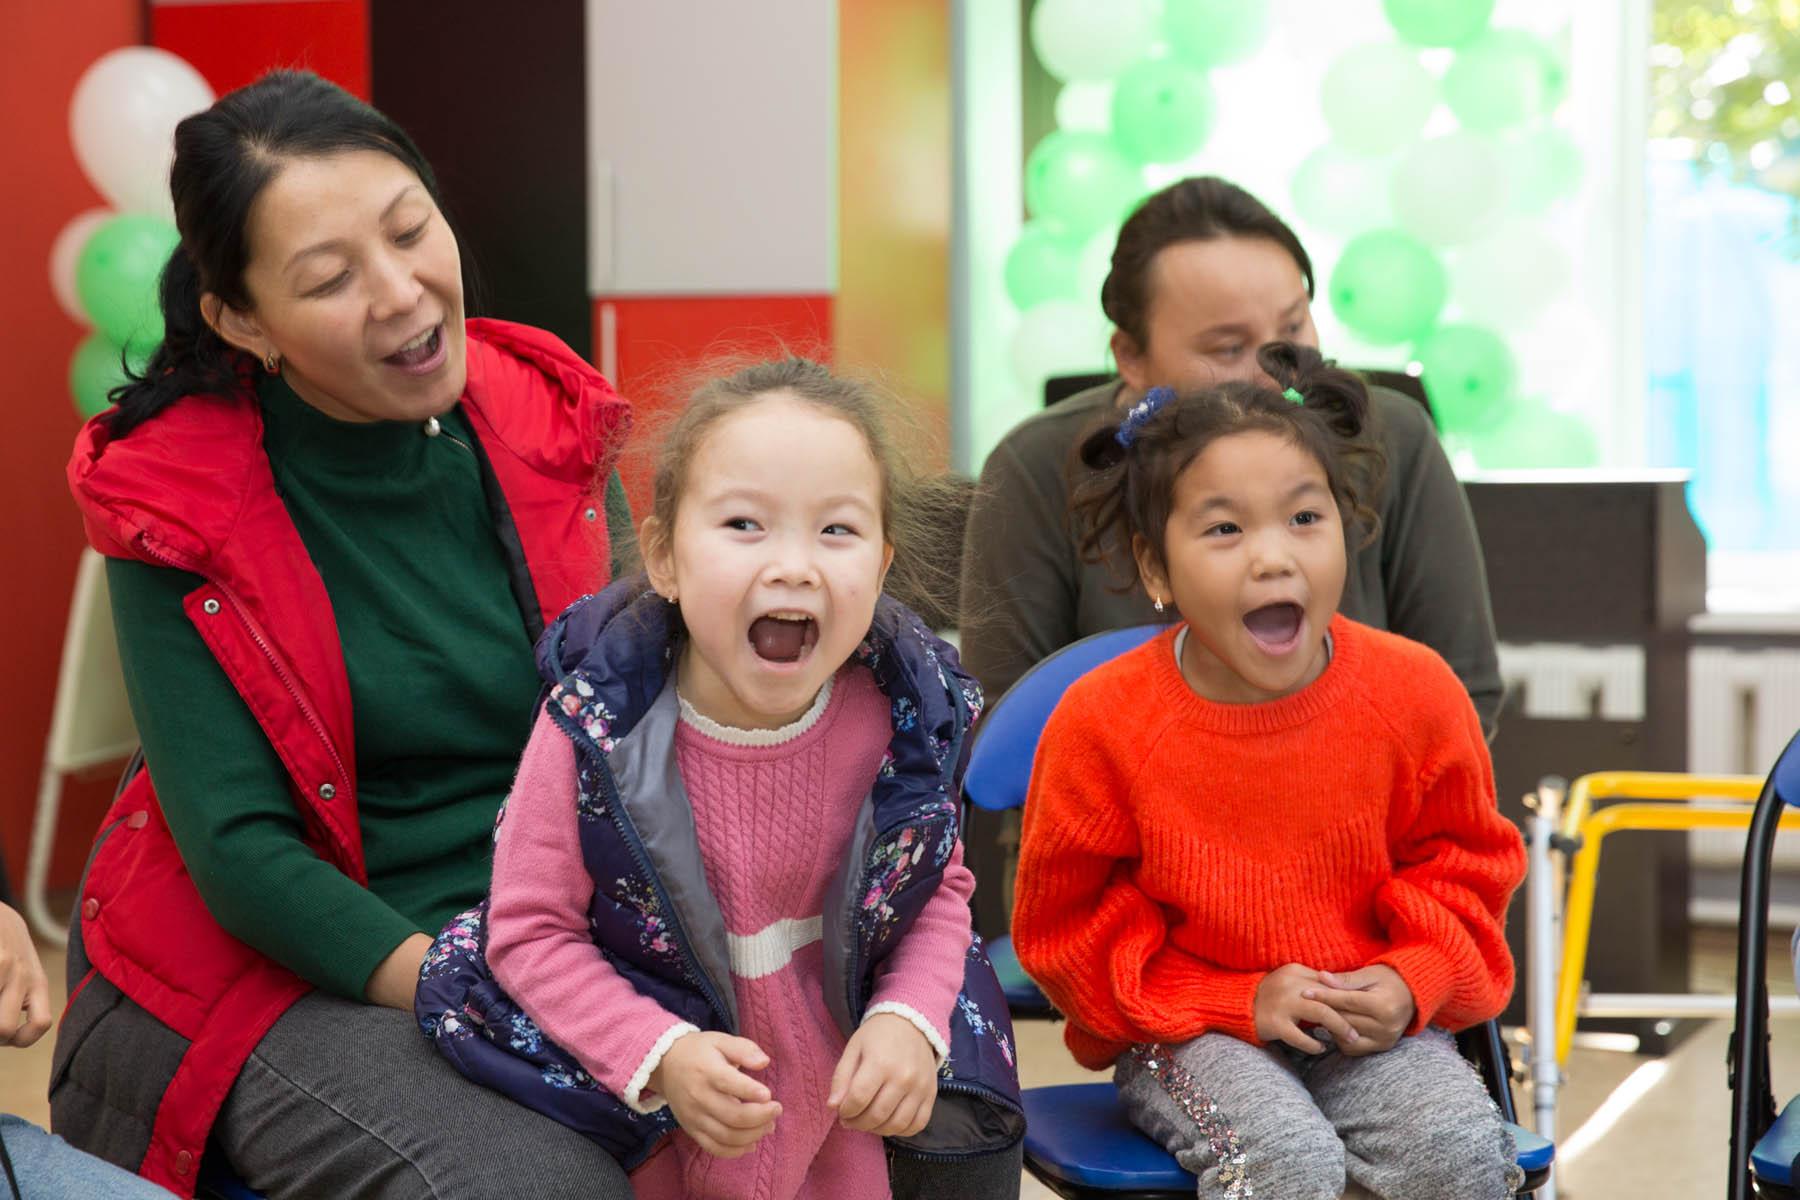 397a6df14c32dea5e571aef17d1d630d - Special children: problems with tolerance